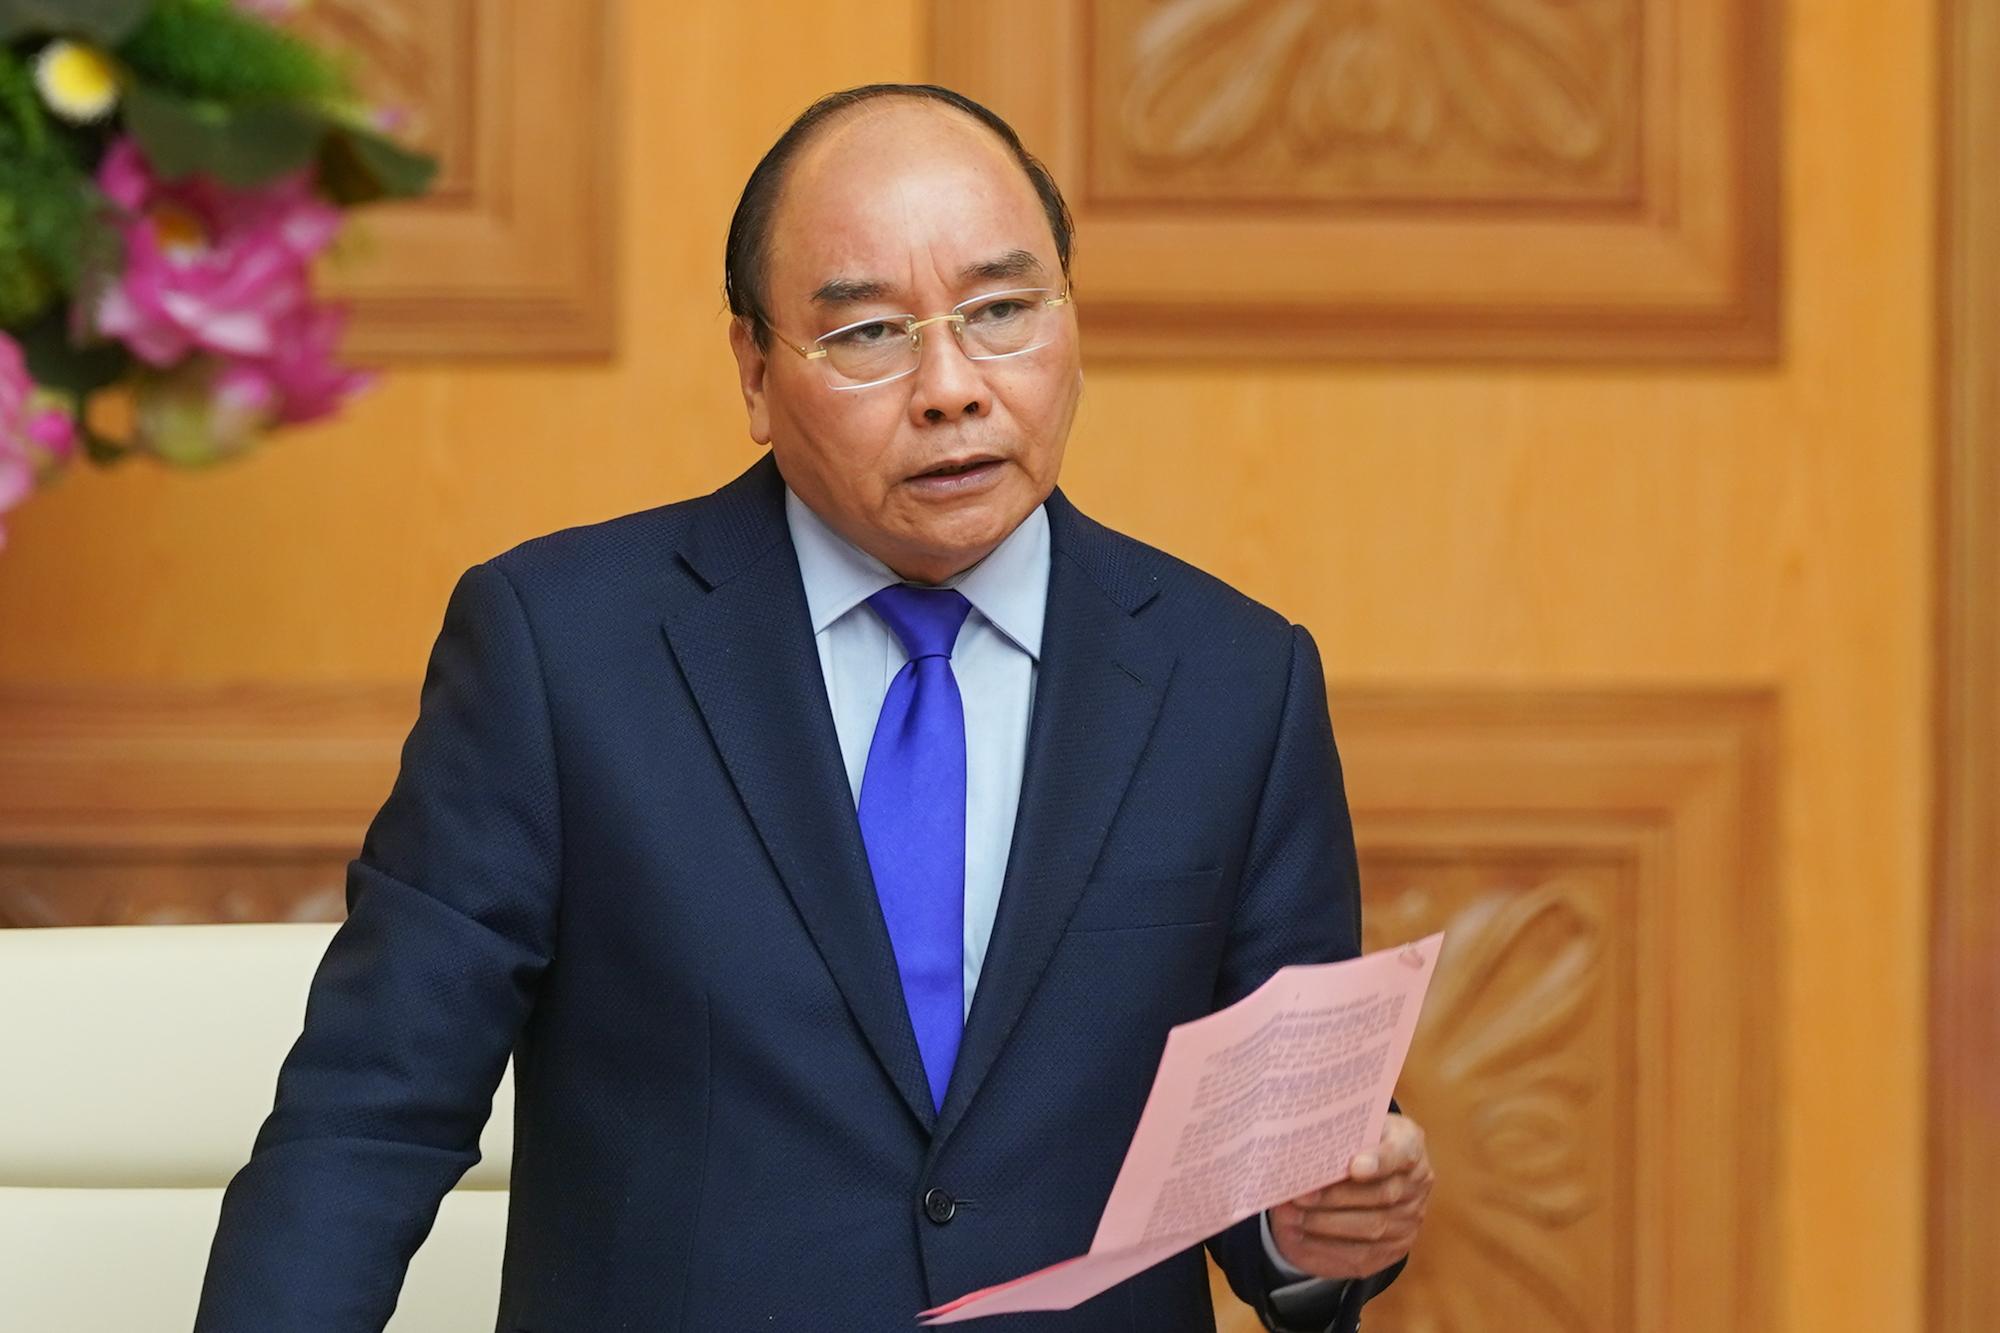 Thủ tướng Chính phủ Nguyễn Xuân Phúc chỉ thị tiếp tục tăng cường các biện pháp phòng, chống dịch Corona